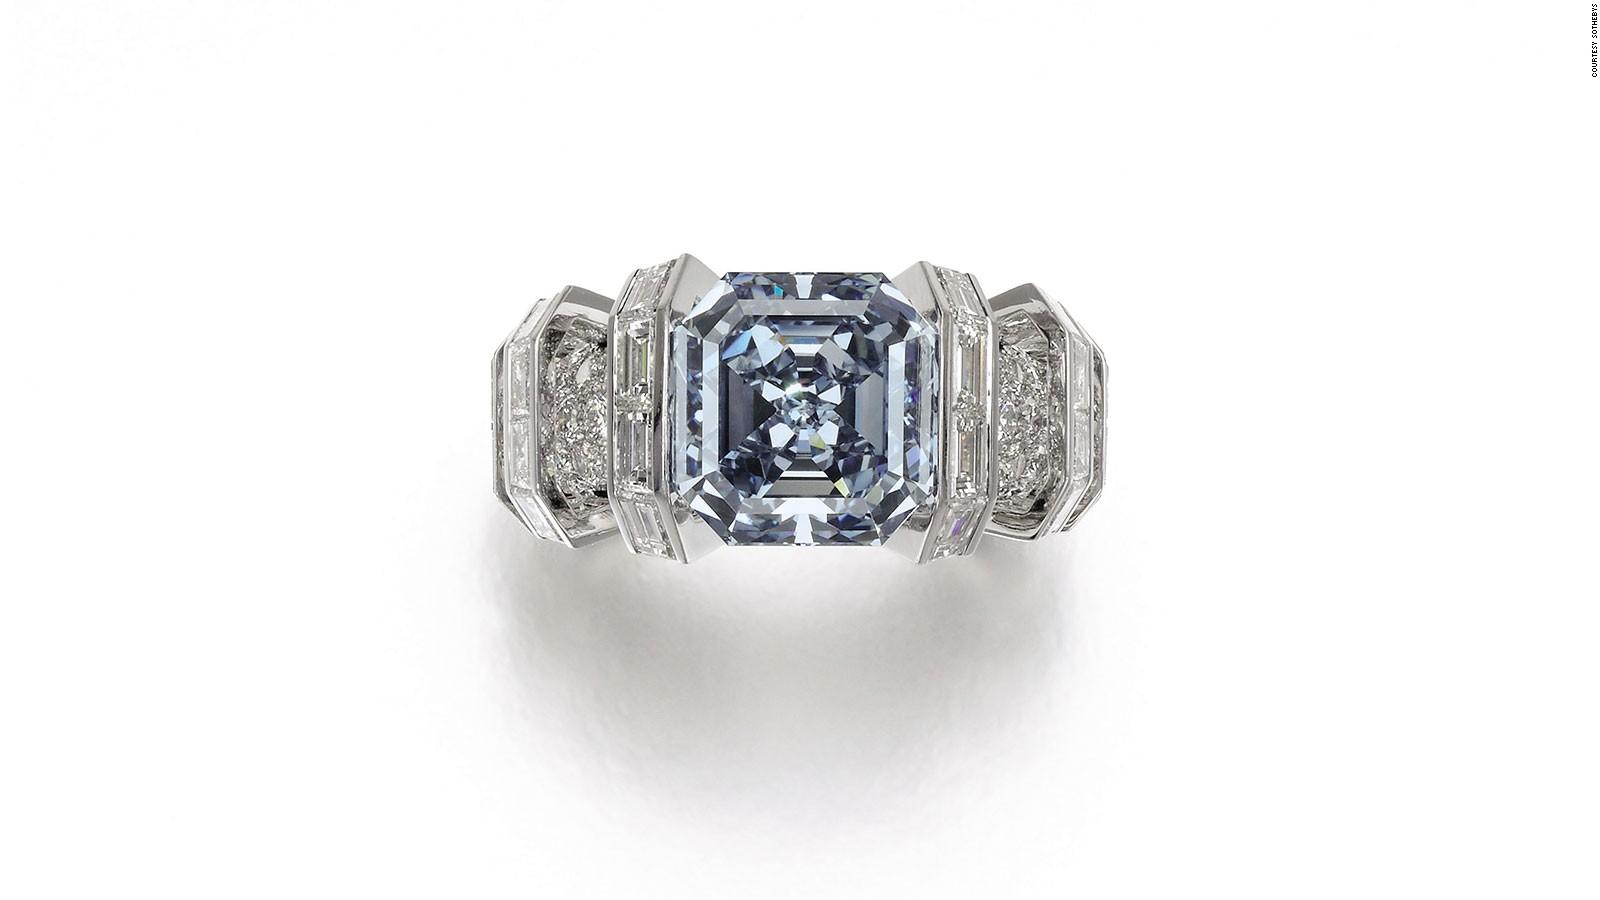 Este inusual anillo de diamante conocido como 'Fancy Vivid Blue' y con un valor estimado de 25 millones de dólares será subastado el 16 de noviembre de 2016. La piedra también es conocida como diamante 'Sky Blue'.